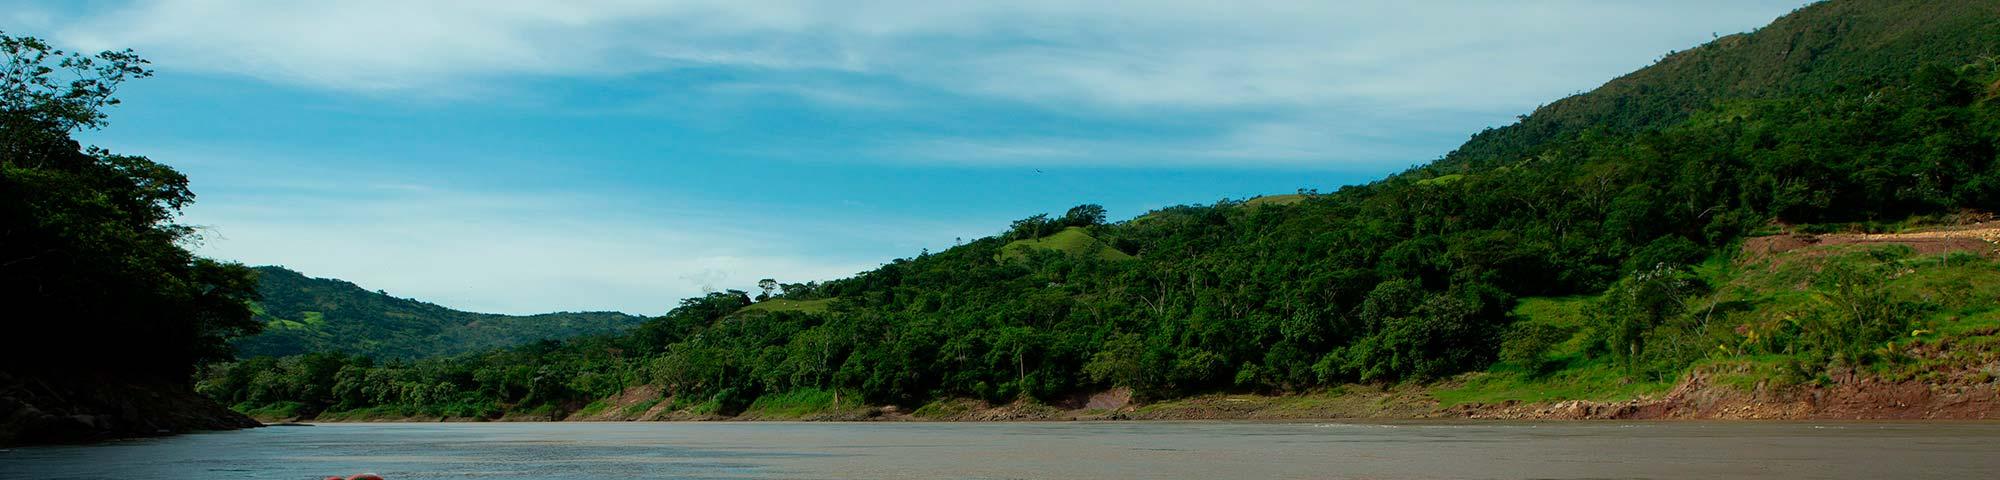 San Martín impulsa el turismo rural comunitario en el Bosque de Protección Alto Mayo